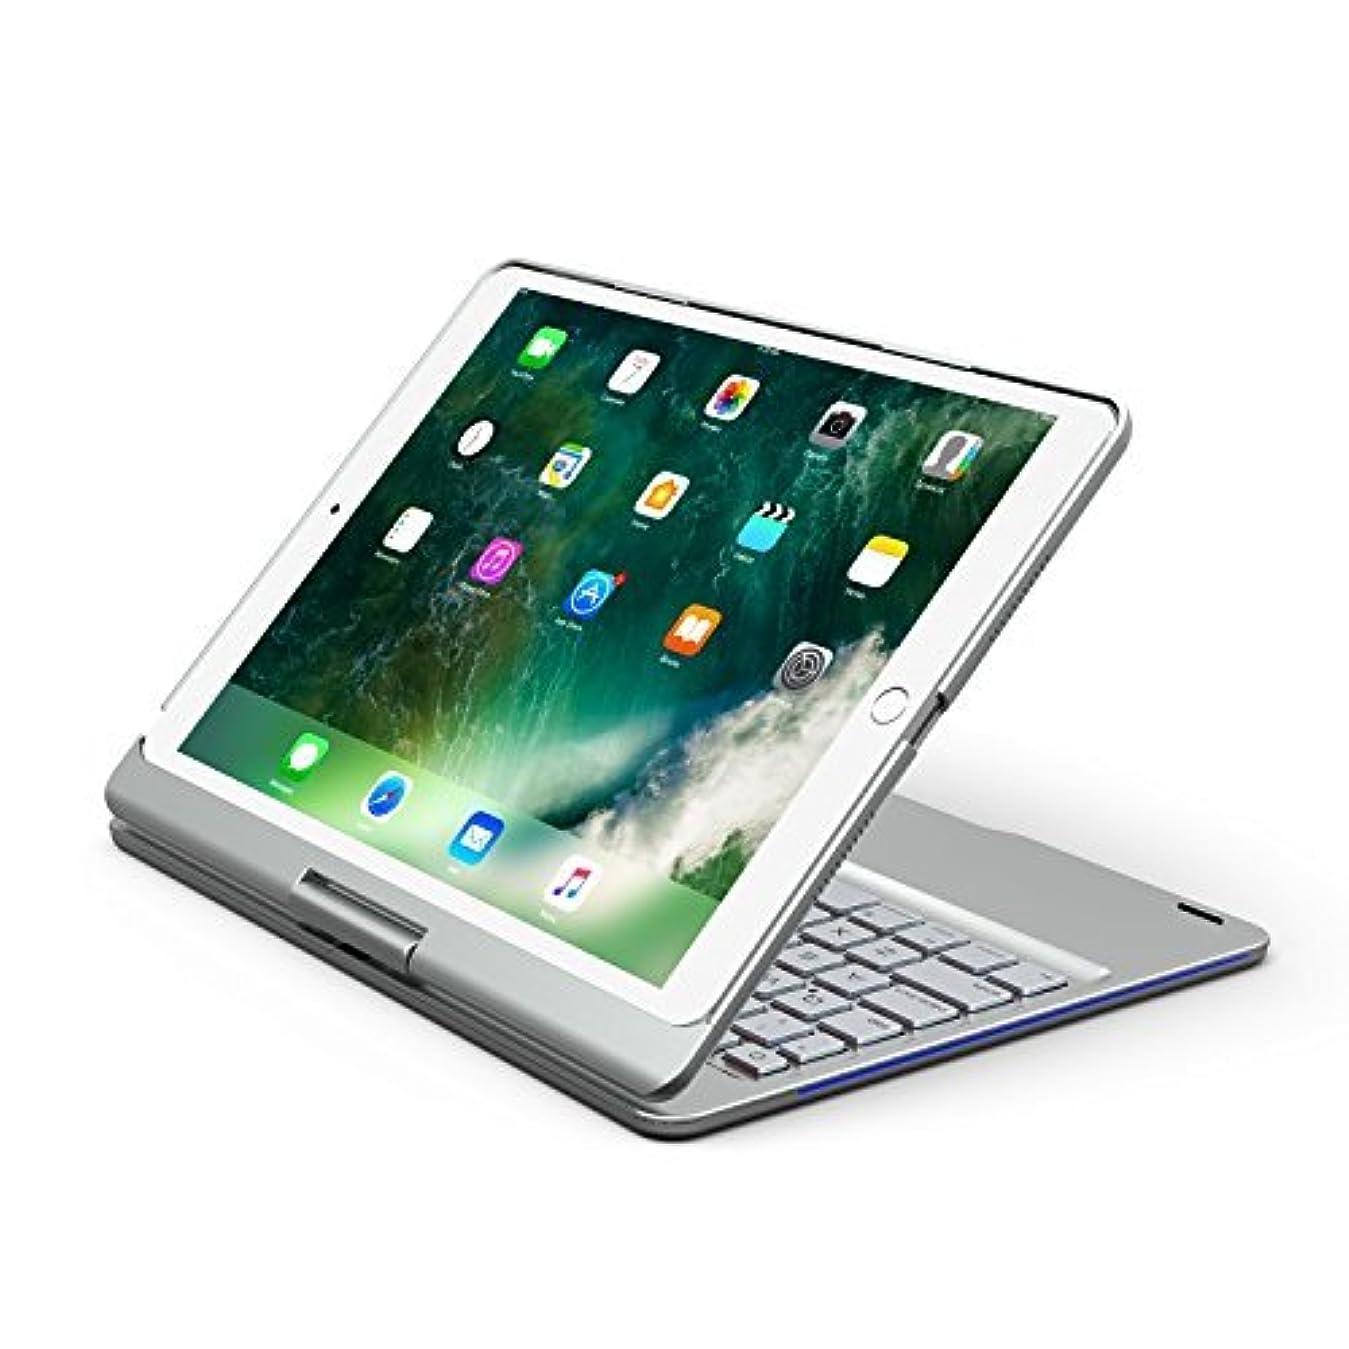 消毒する理解女王iPad Pro 10.5キーボードケース、businda 7色バックライト付きキーボードケースカバー360 °回転スマートキーボードケース/スリープ付きiPad Pro 10.5 2017 New iPad シルバー